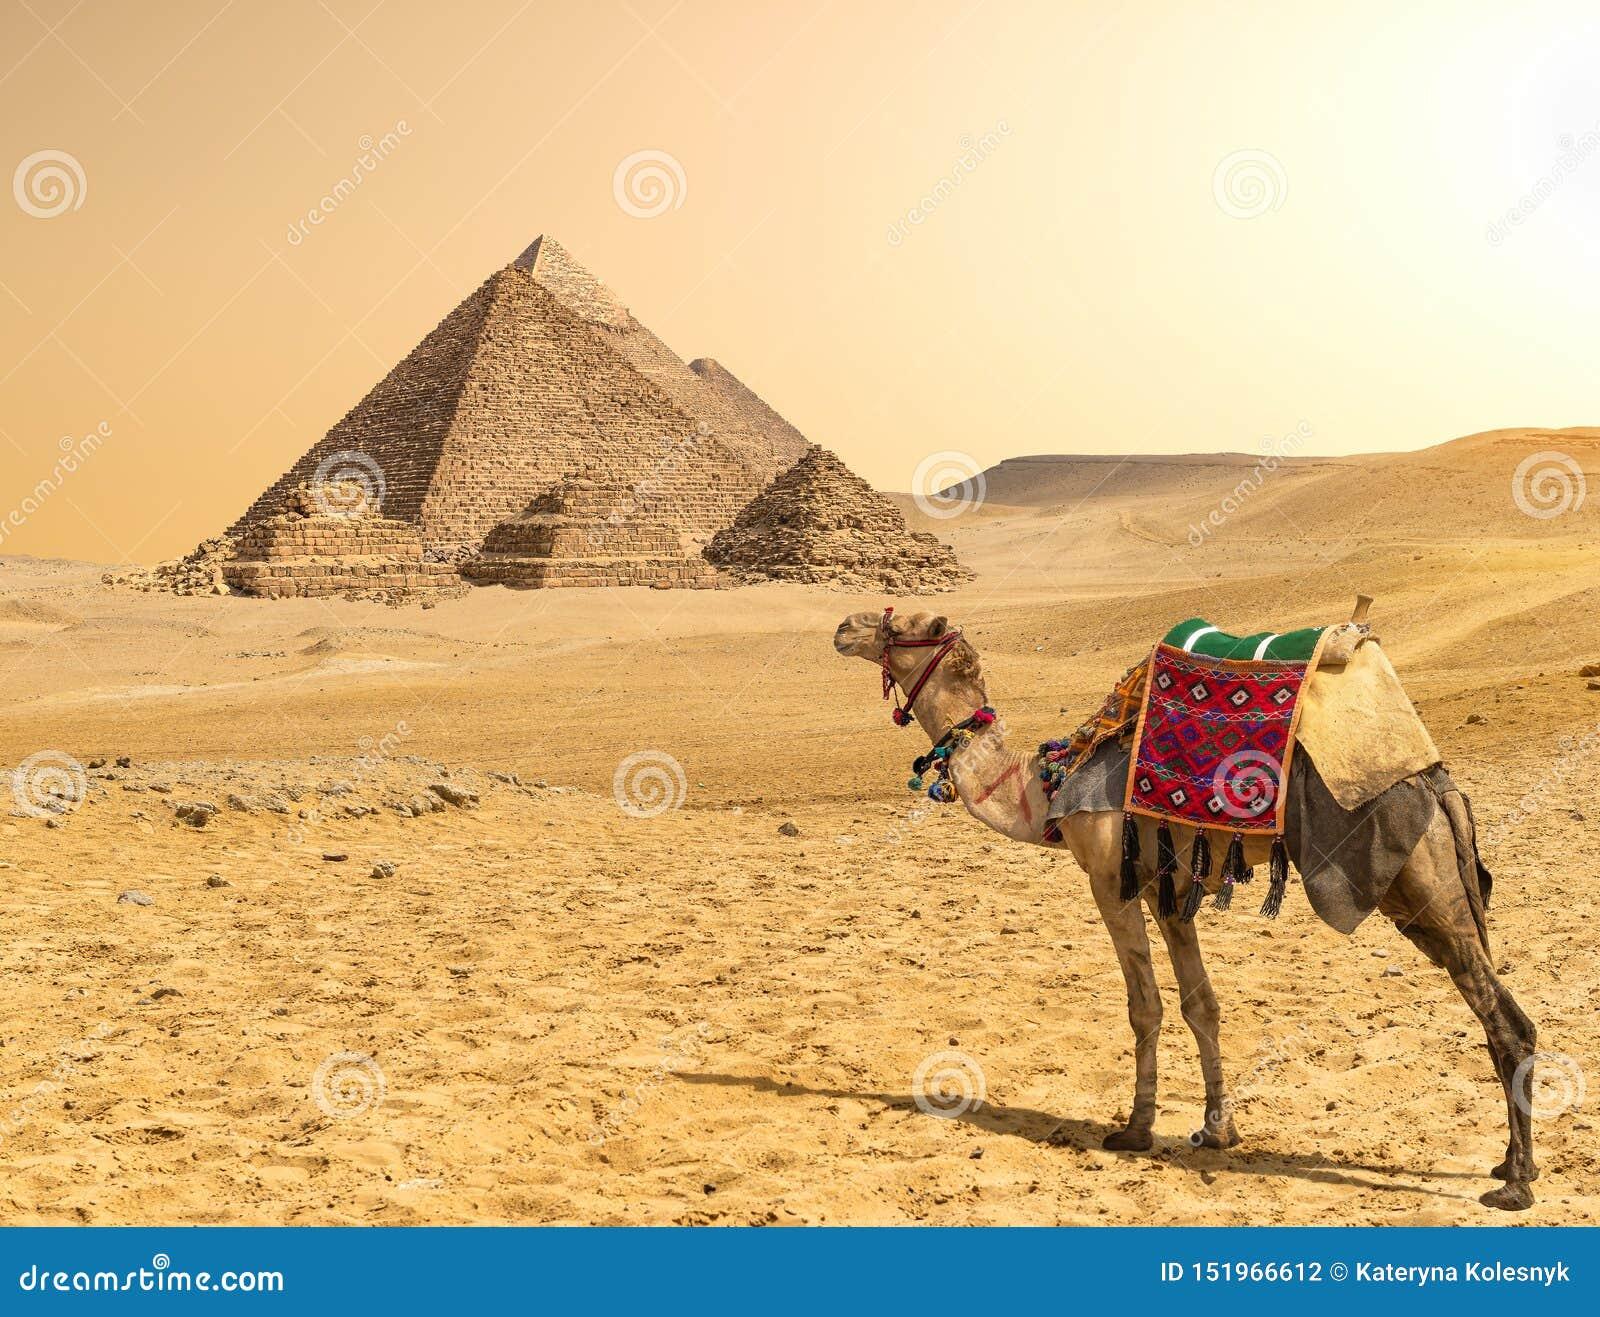 Kamel och pyramider i rad